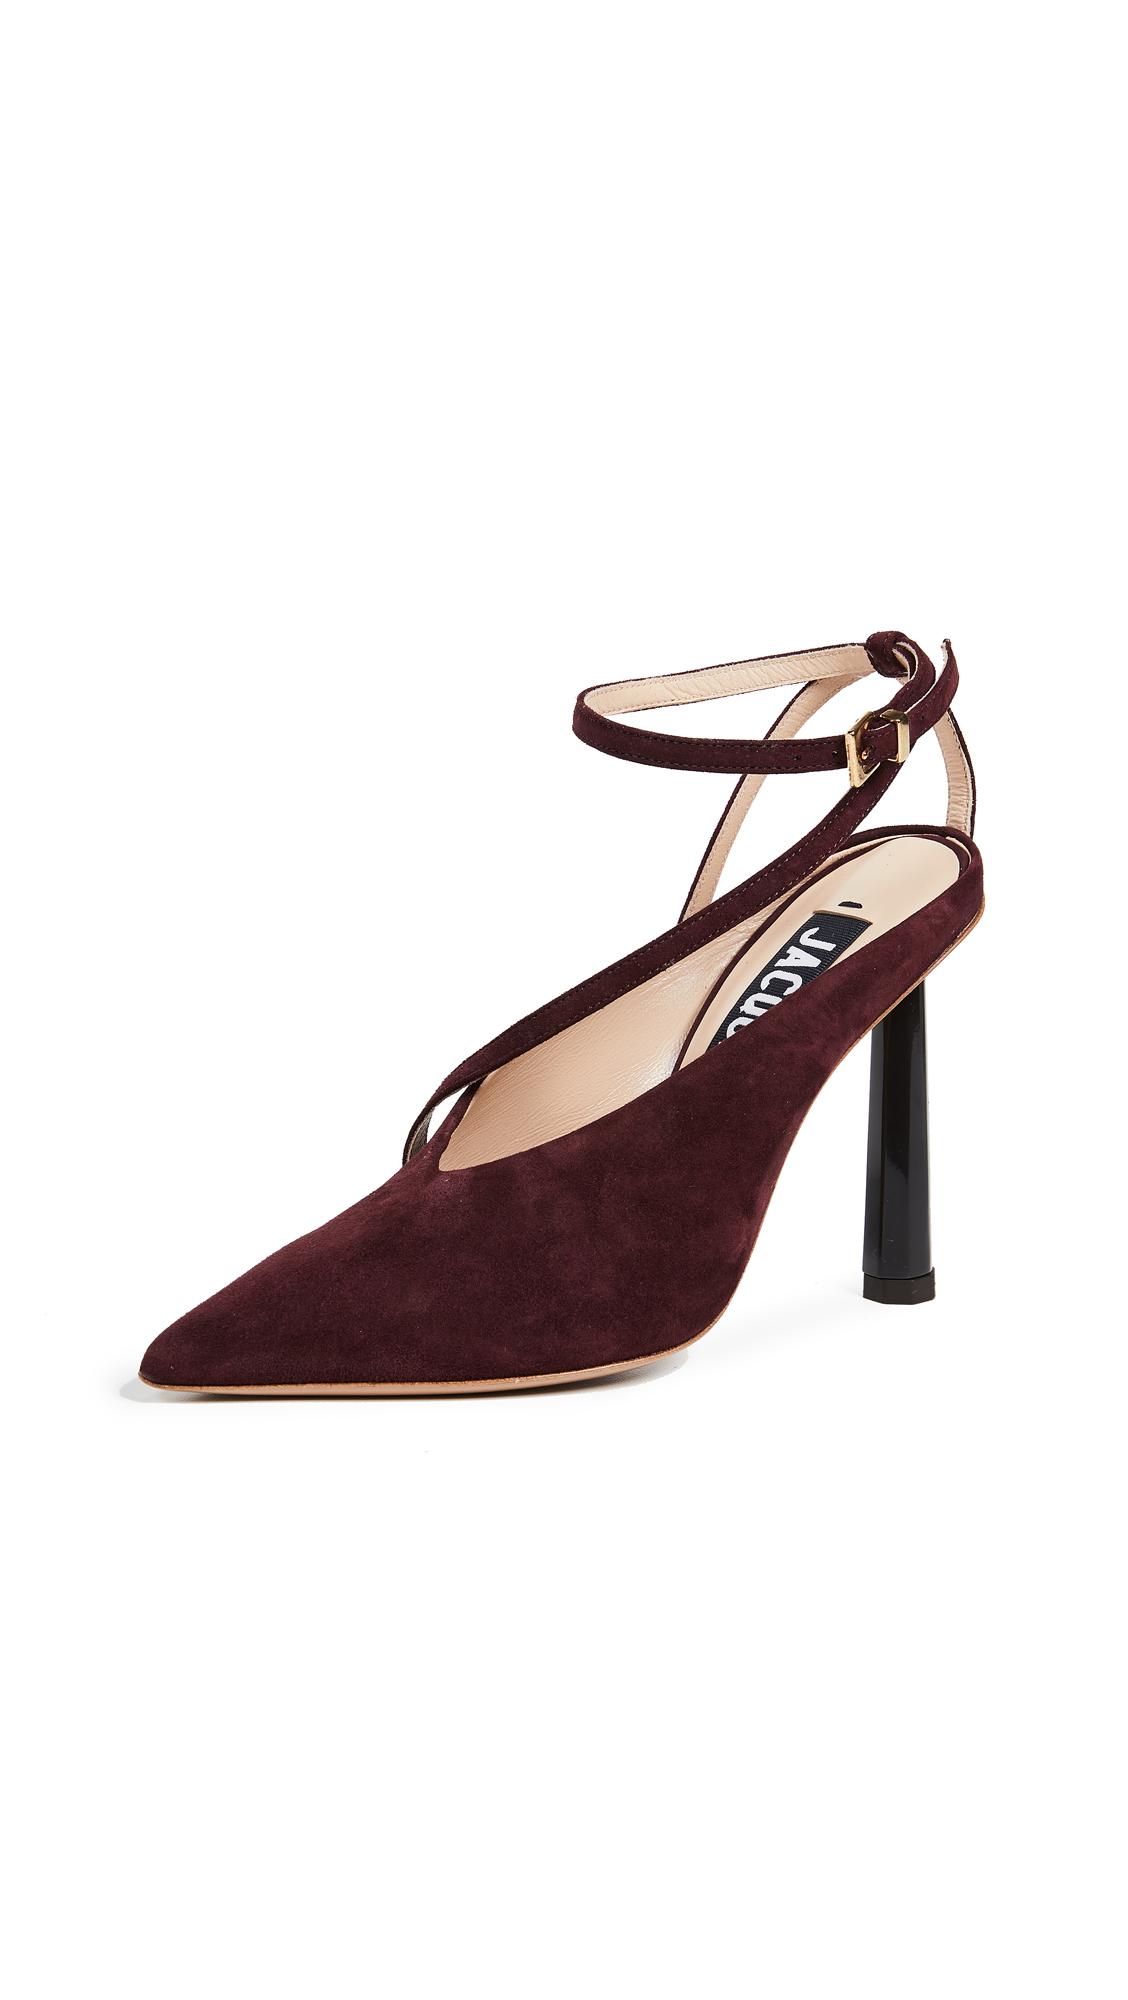 Jacquemus Les Chaussures Faya Pumps - Purple